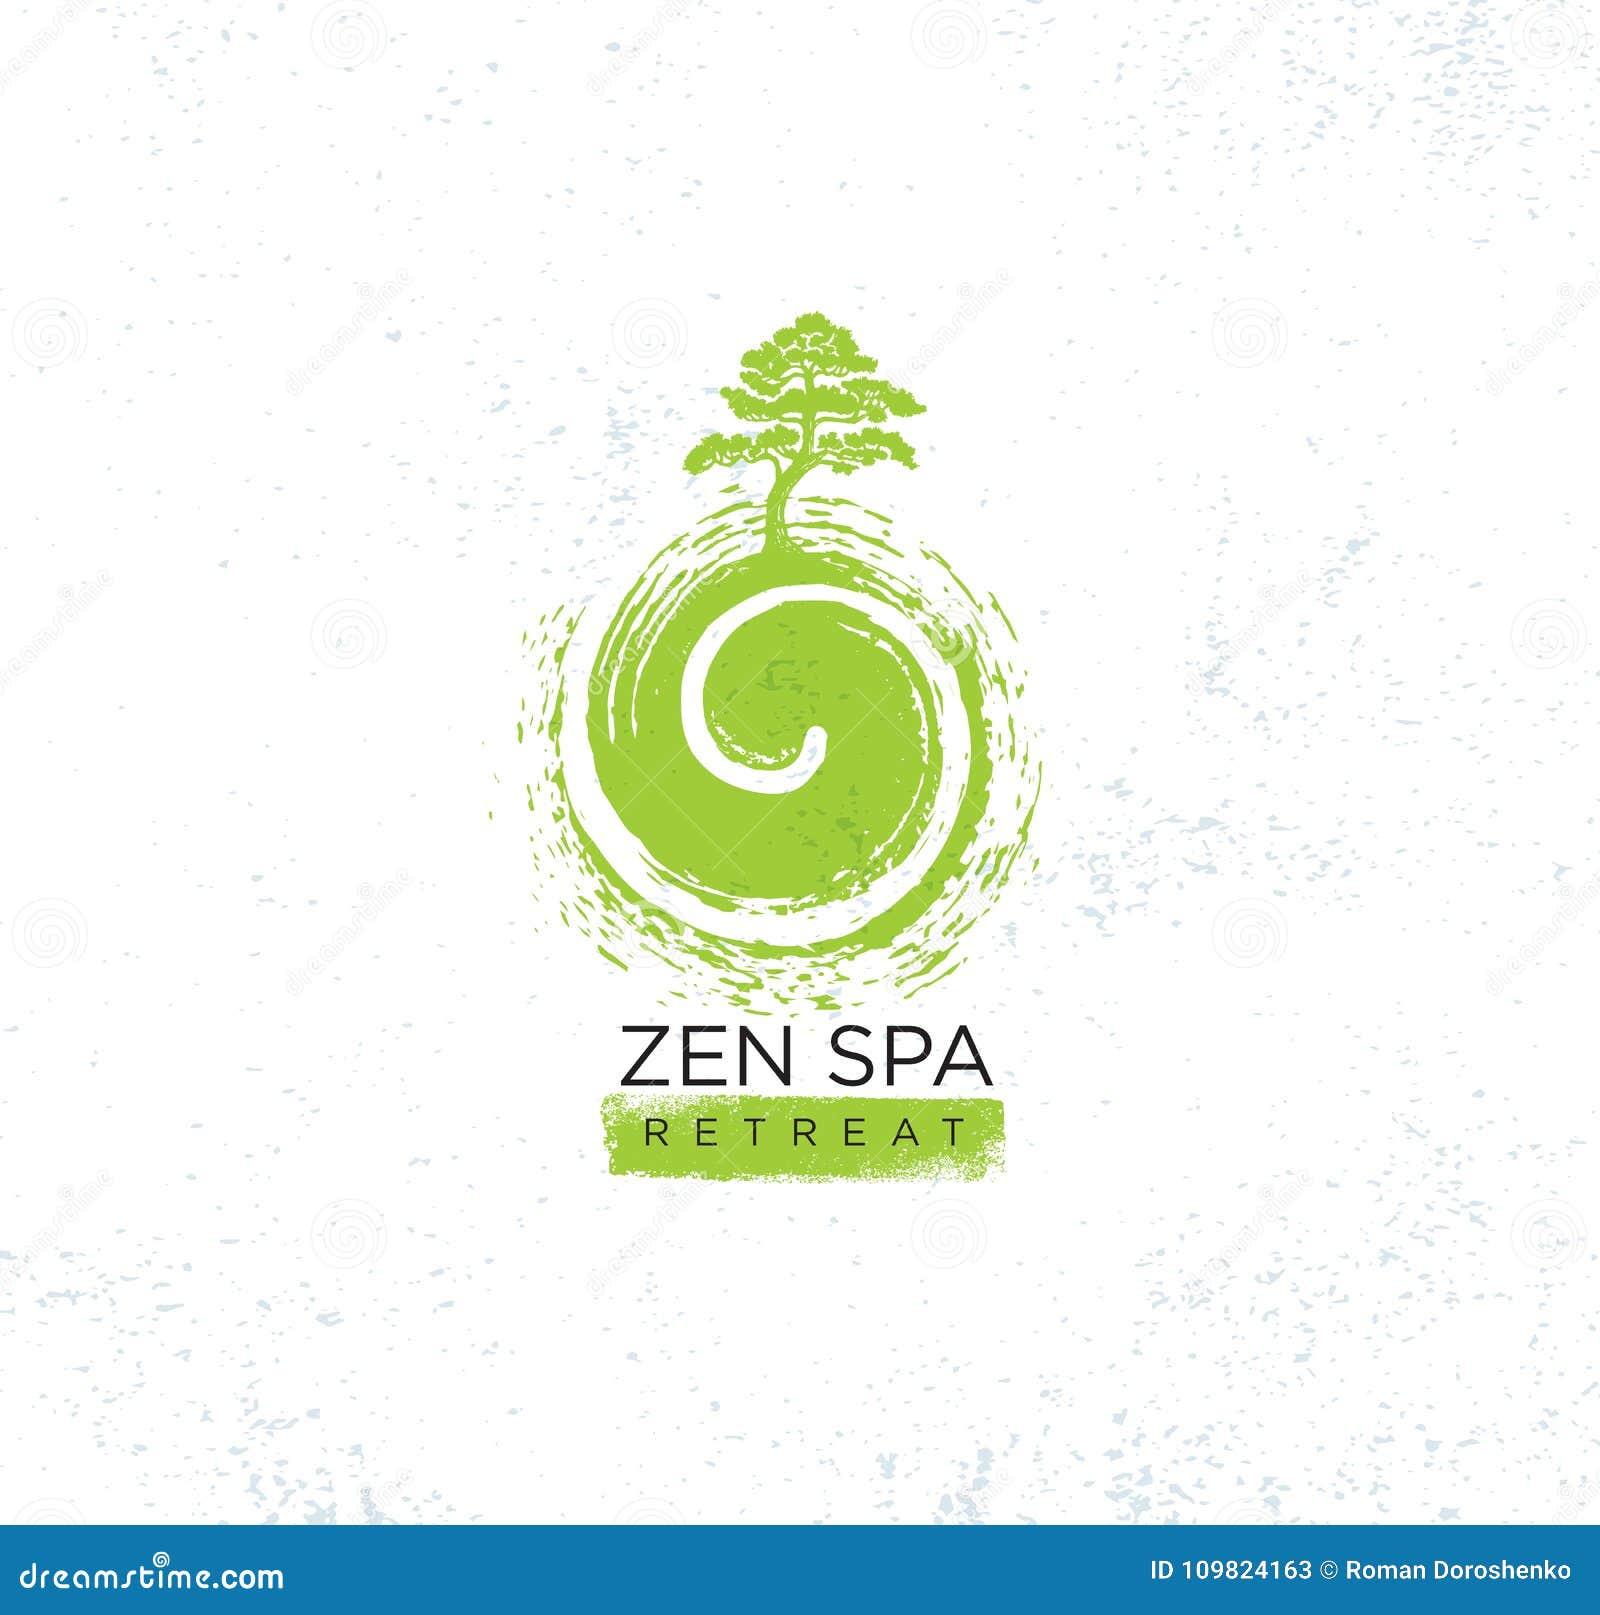 禅宗温泉健康全部撤退有机标志概念 在漩涡例证的树在质感粗糙的背景